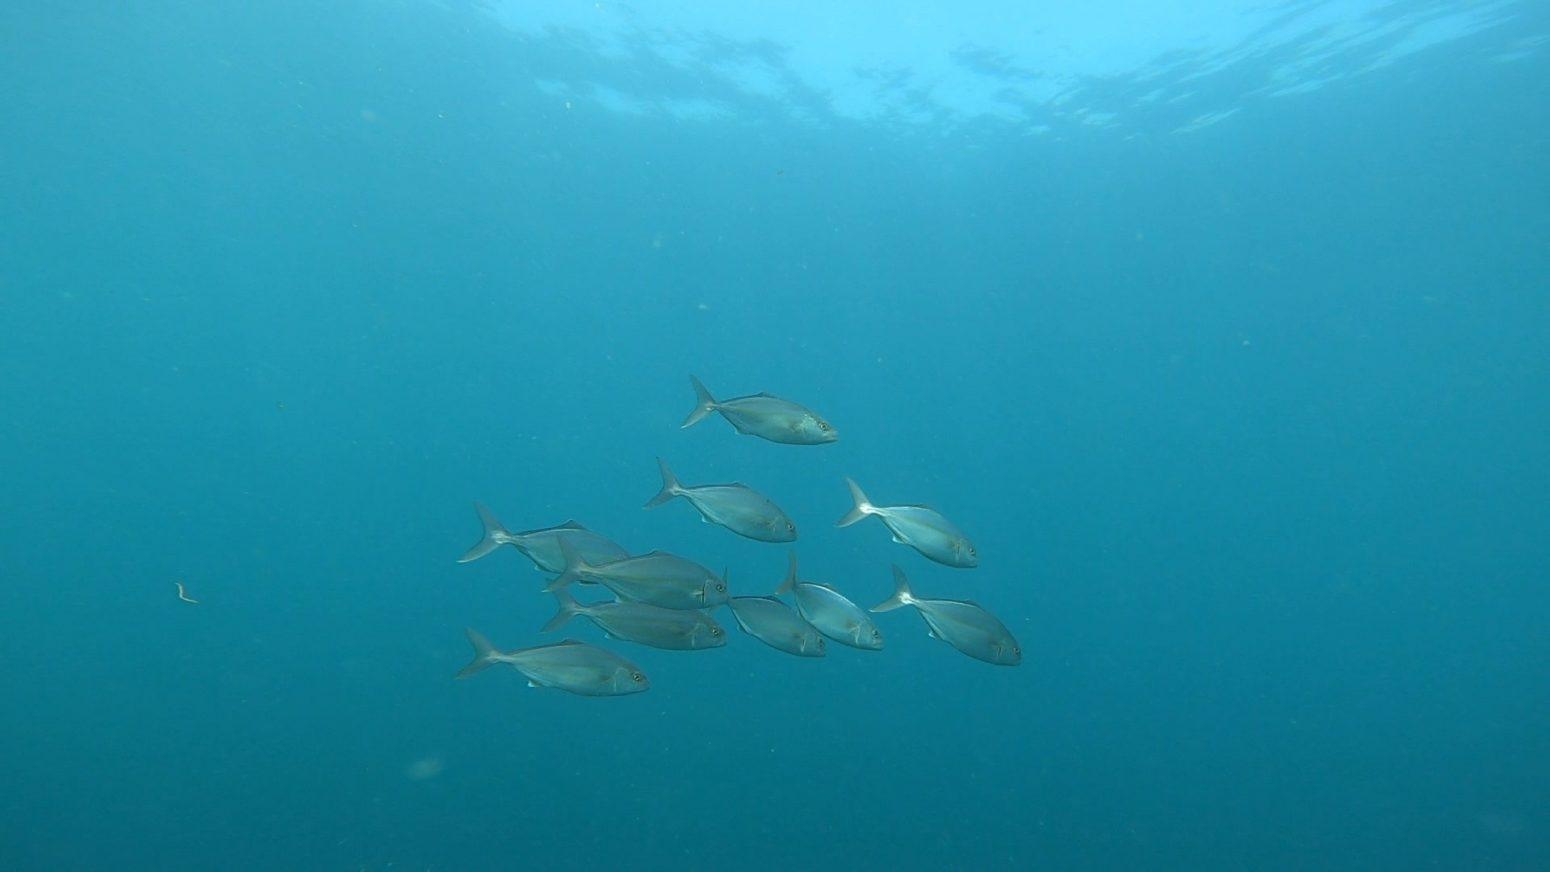 圧倒的な魚の量です(*^▽^*)2020-09-28